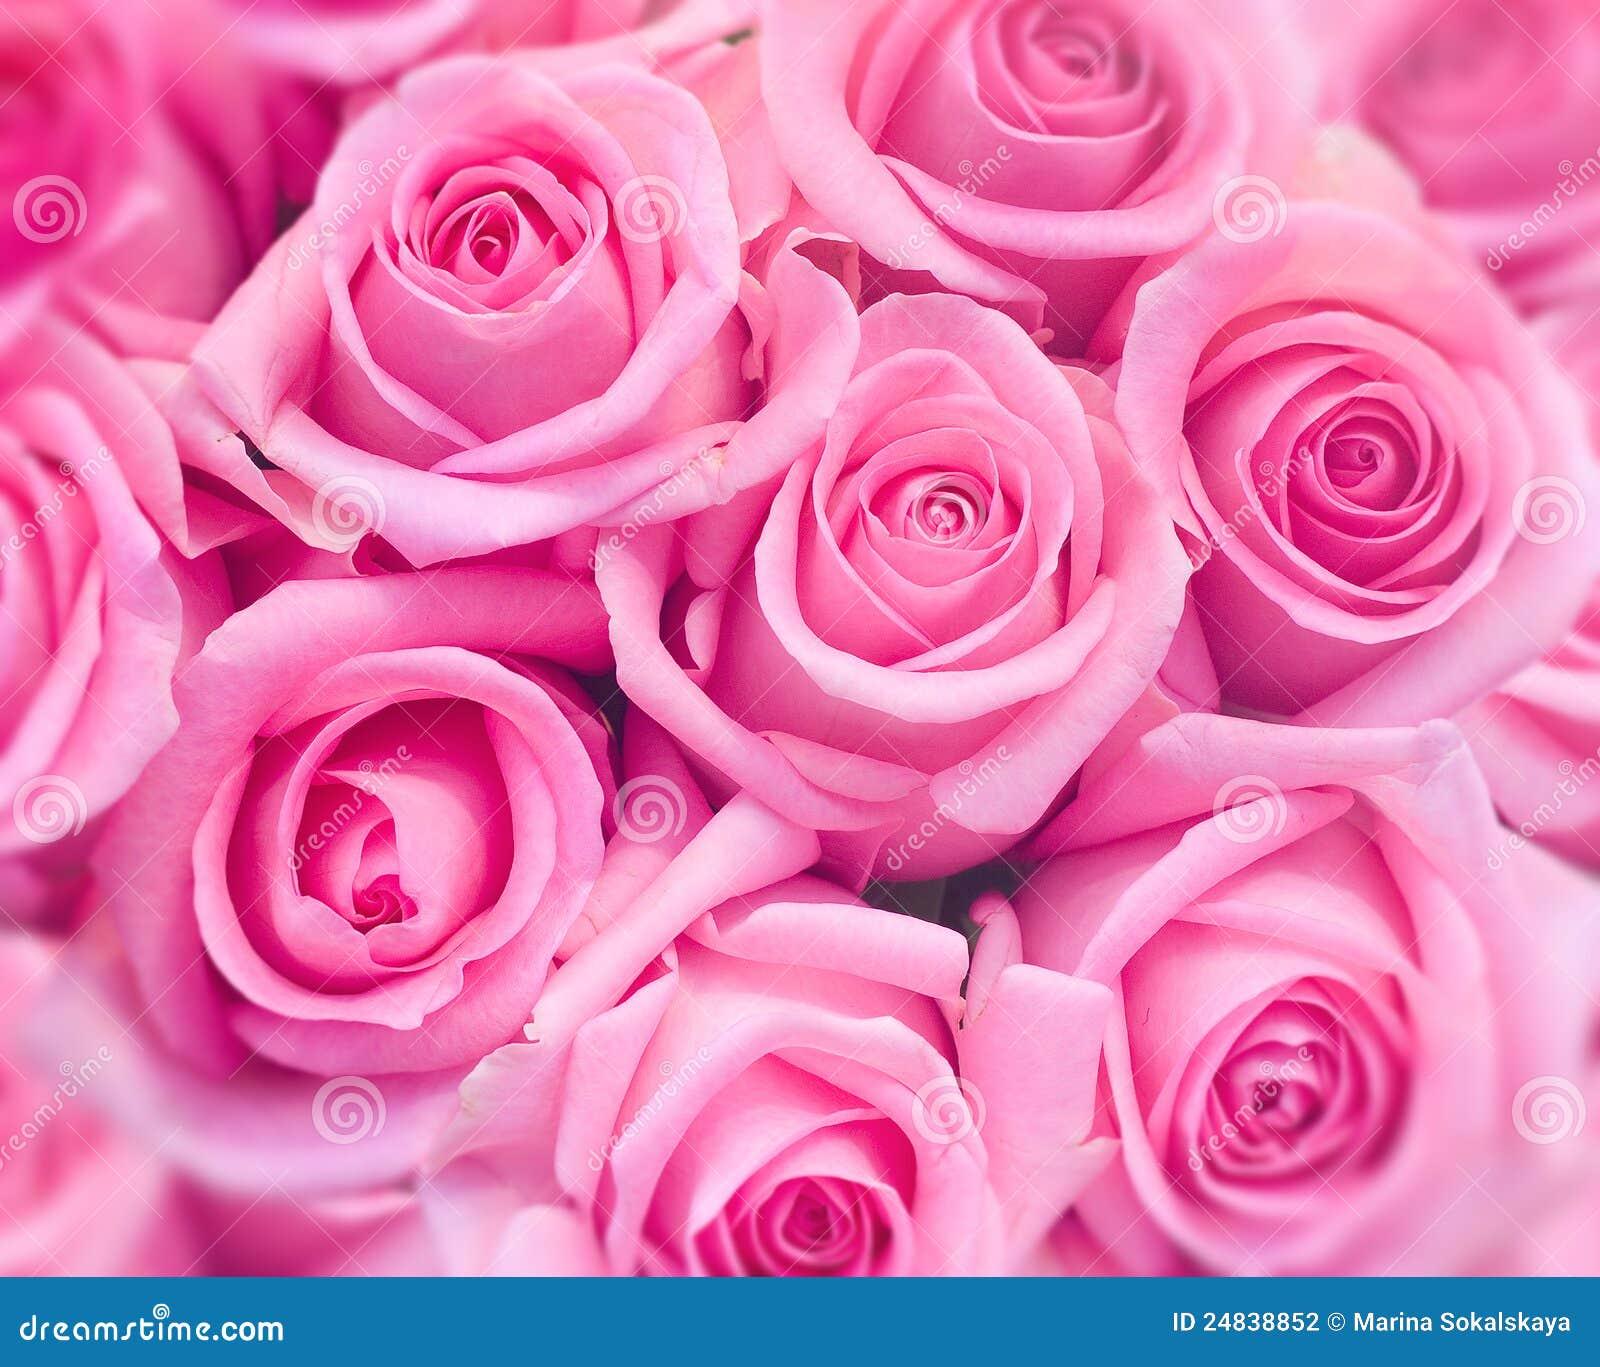 Картинка розы розовые